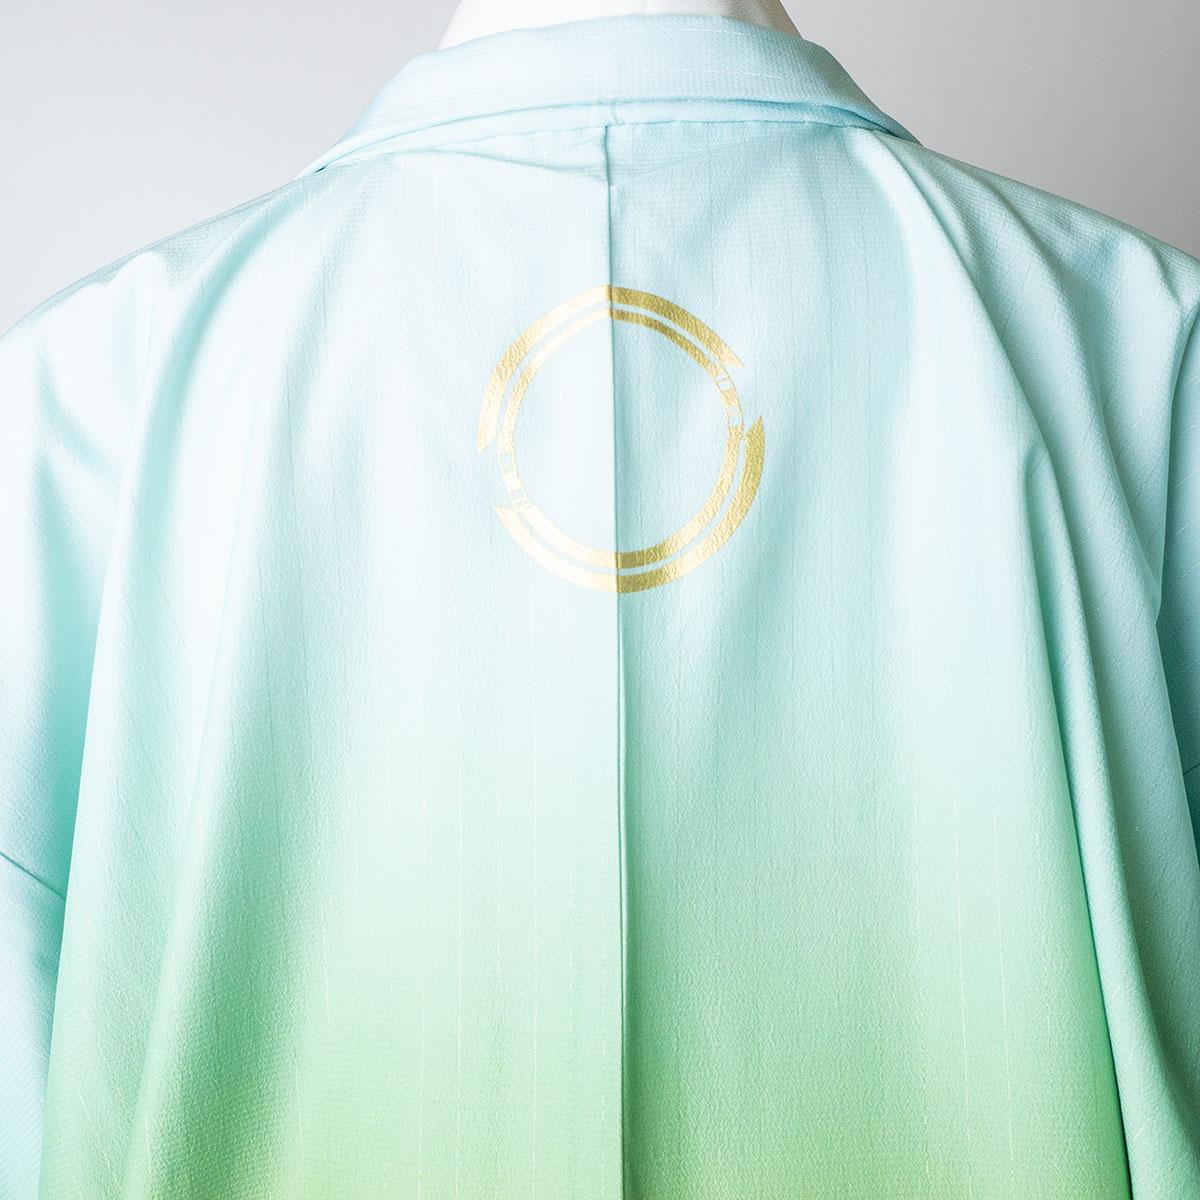 |送料無料|【レンタル】【成人式】【対応身長160cm-170cm】男性用レンタル紋付き袴フルセット